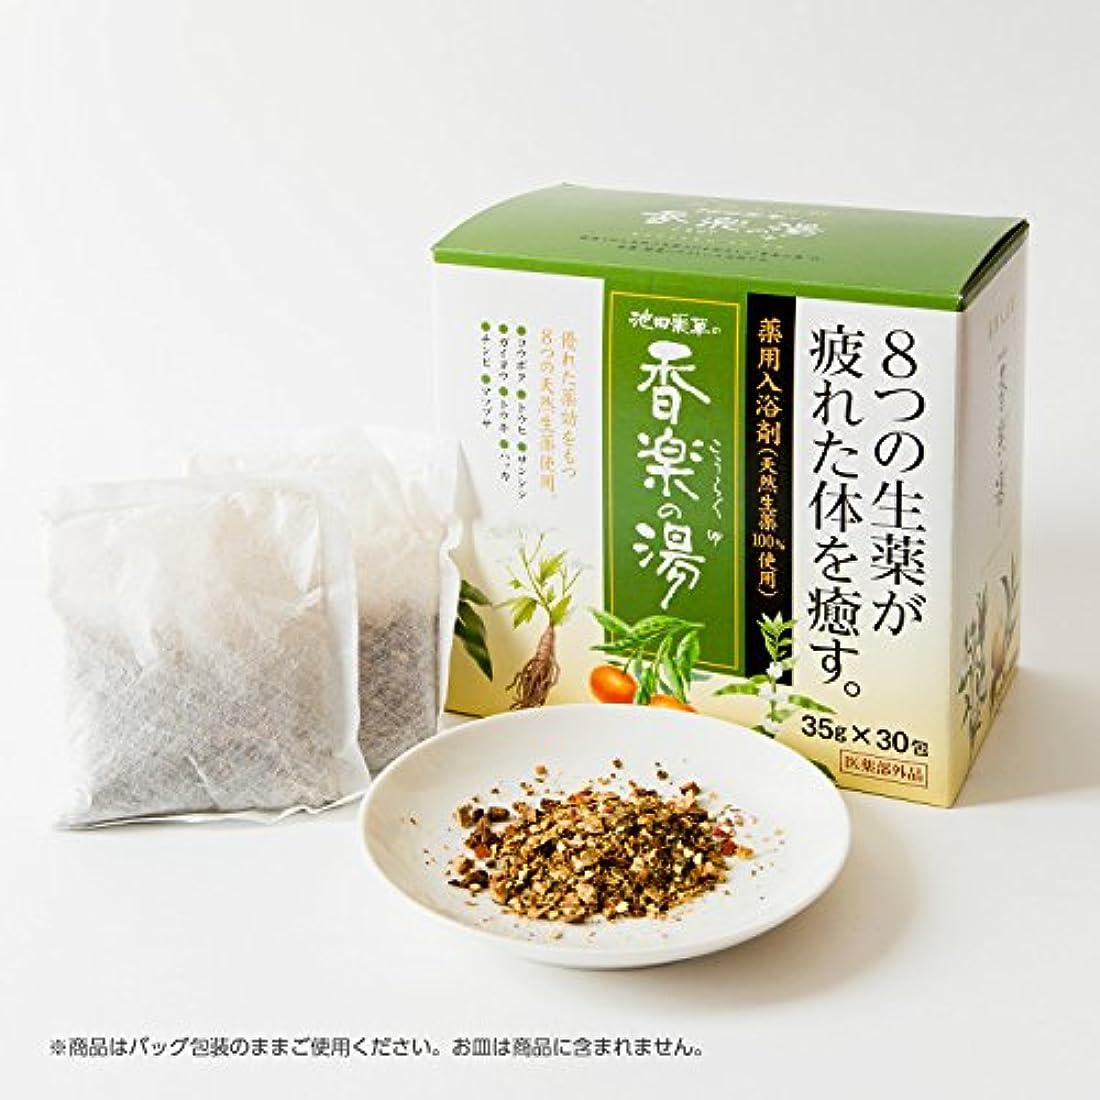 不和累計不適切な池田薬草の香楽の湯